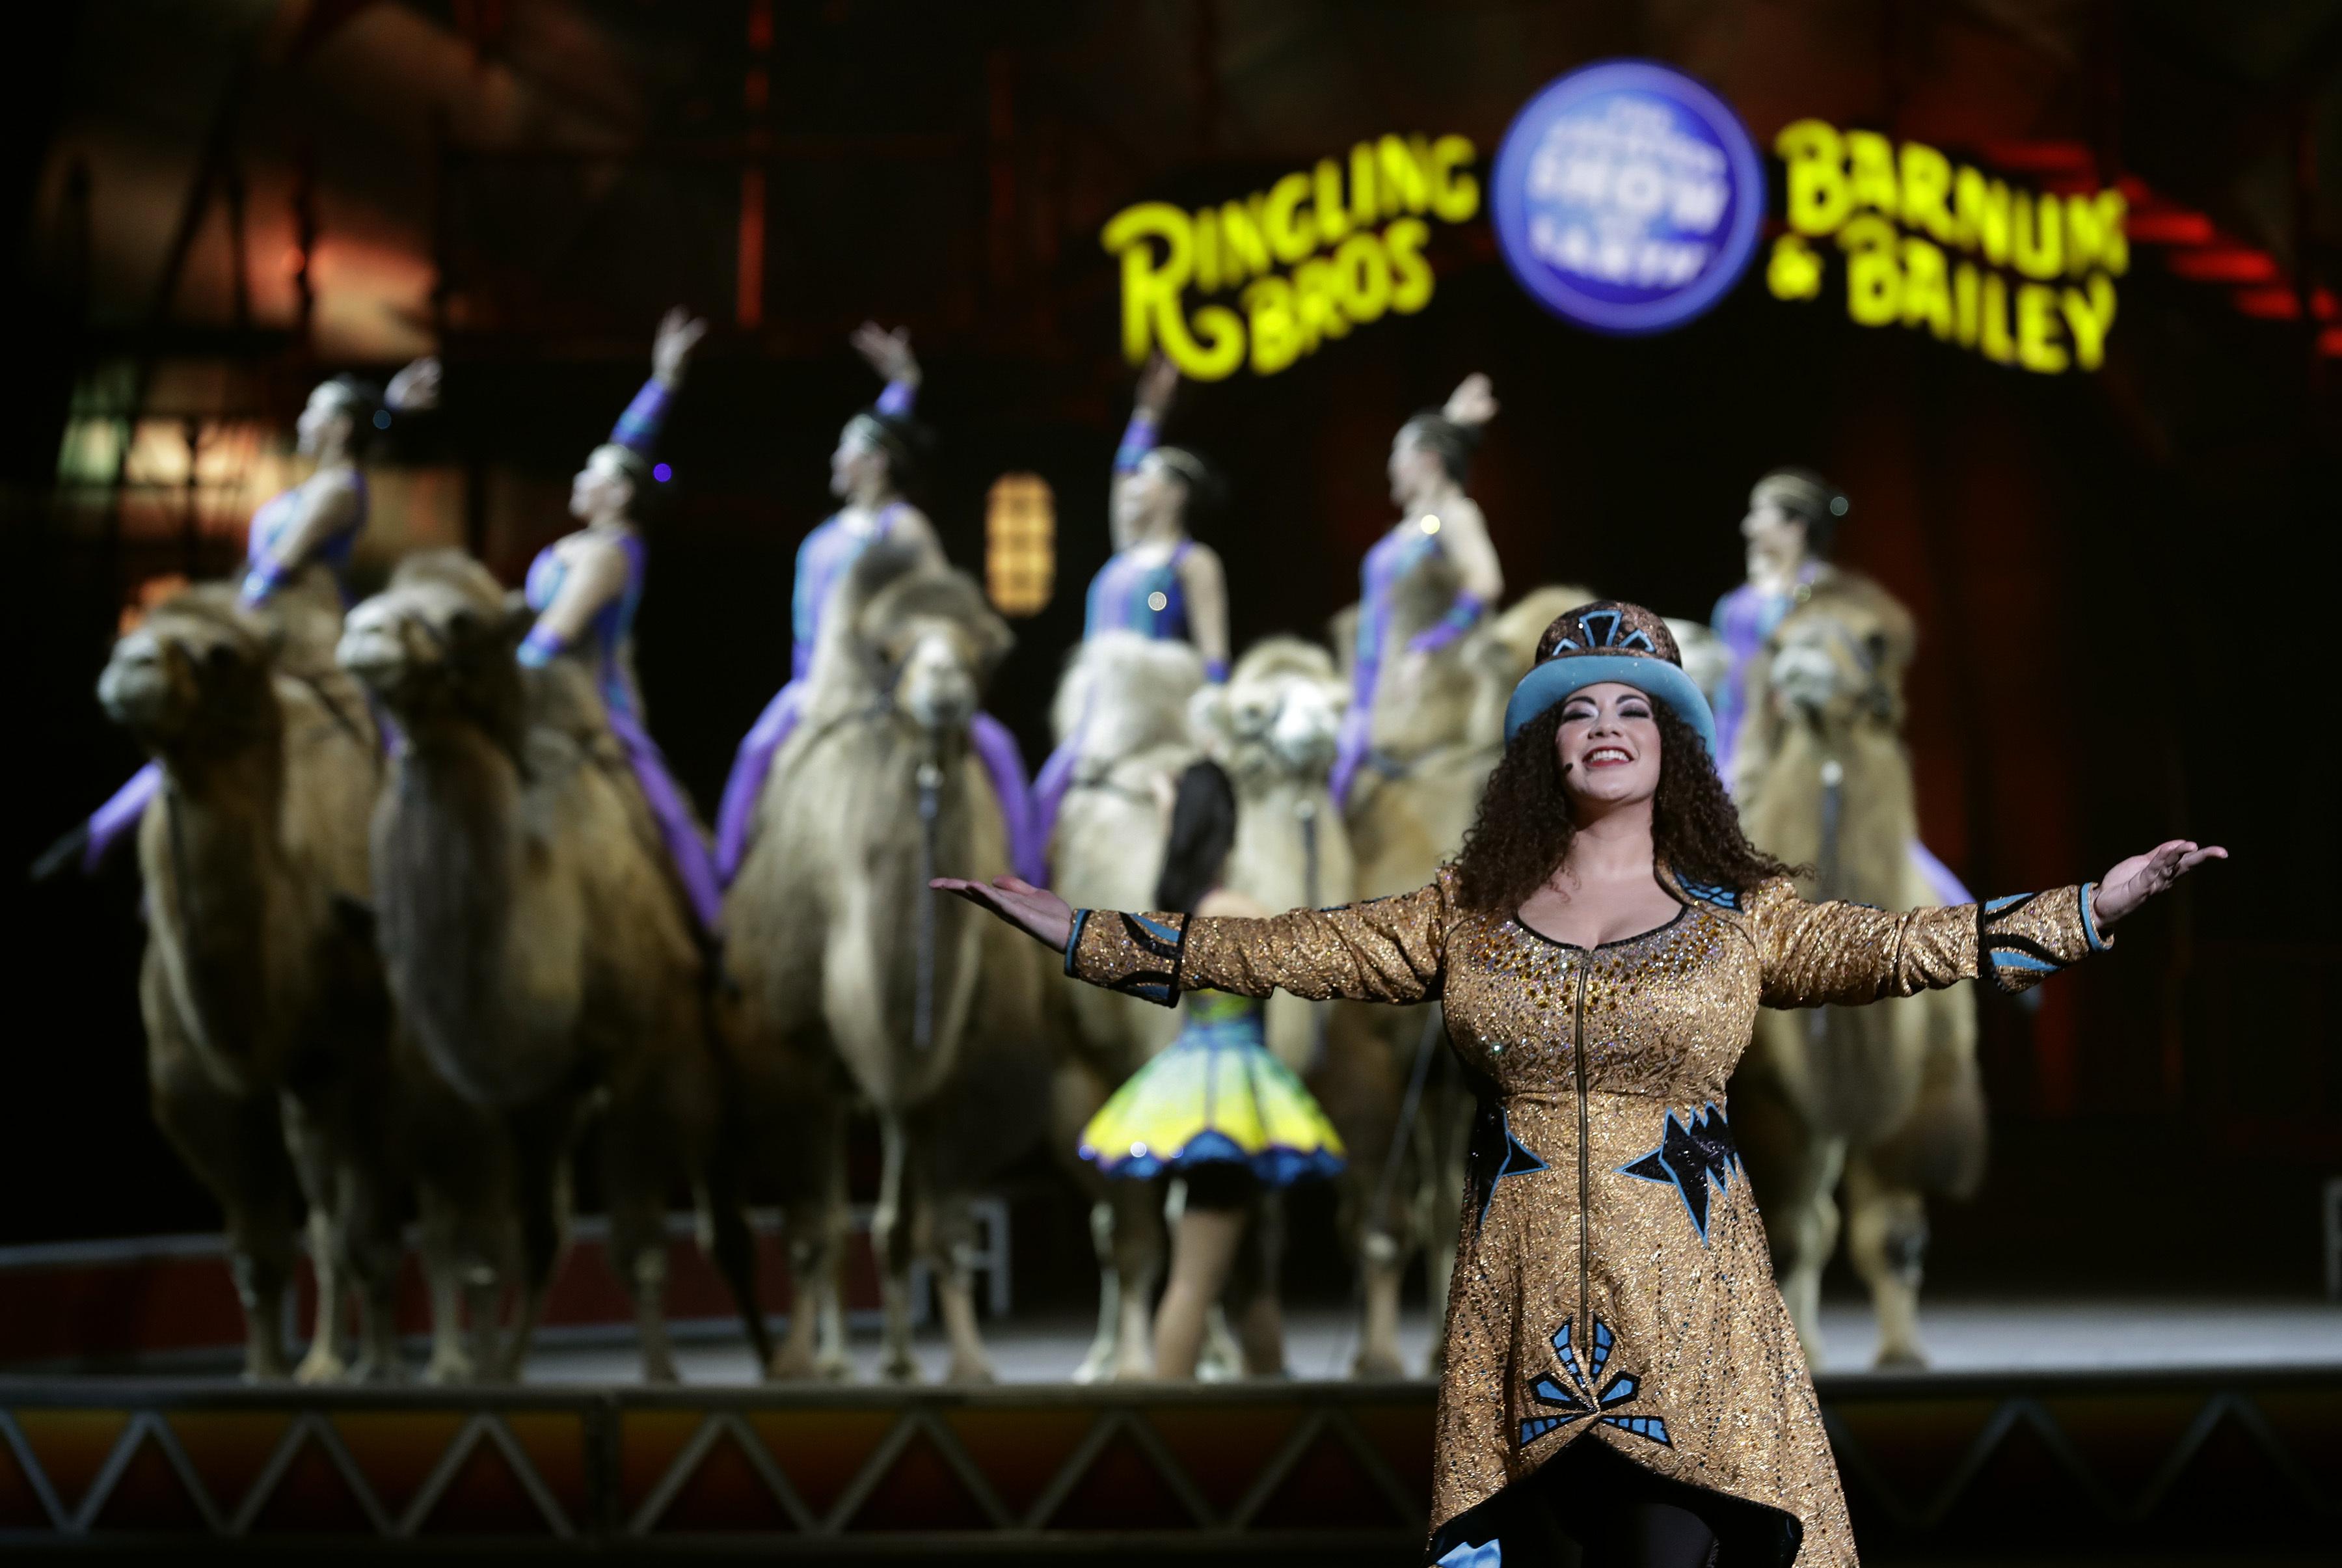 Celebrul circ Barnum din SUA se inchide dupa 146 de ani. Activistii pentru drepturile animalelor saluta decizia luata